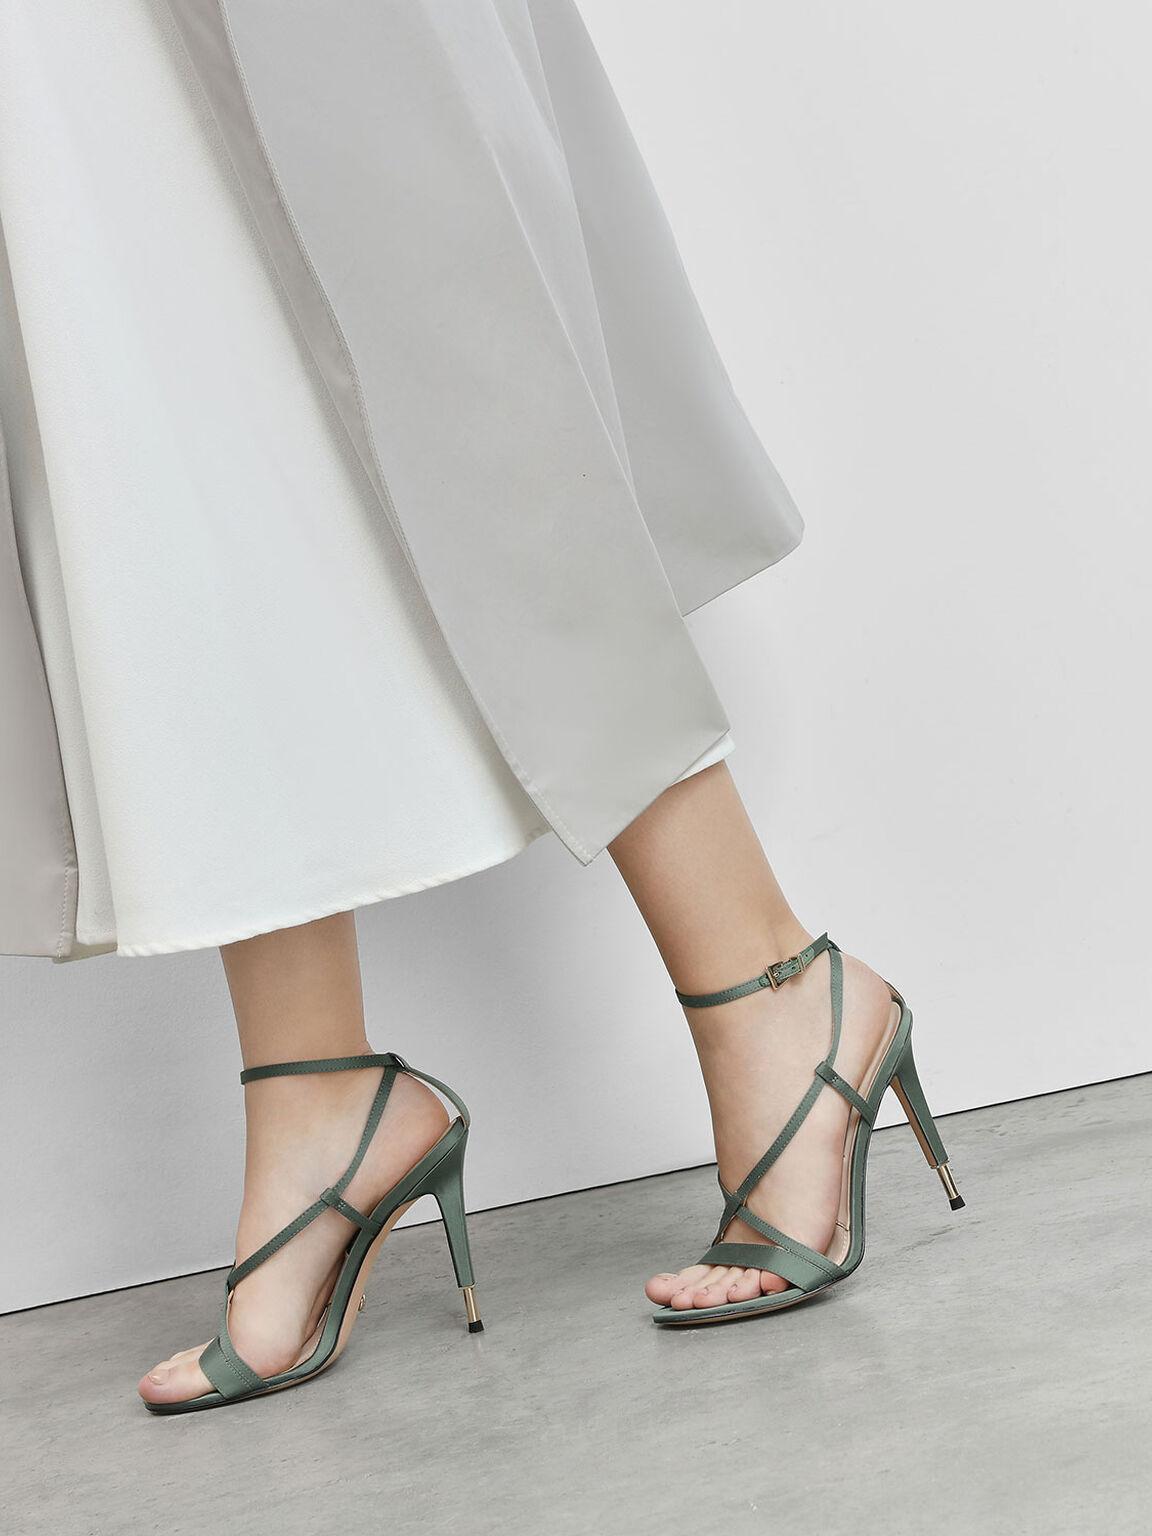 Satin Criss Cross Sandals, Sage Green, hi-res